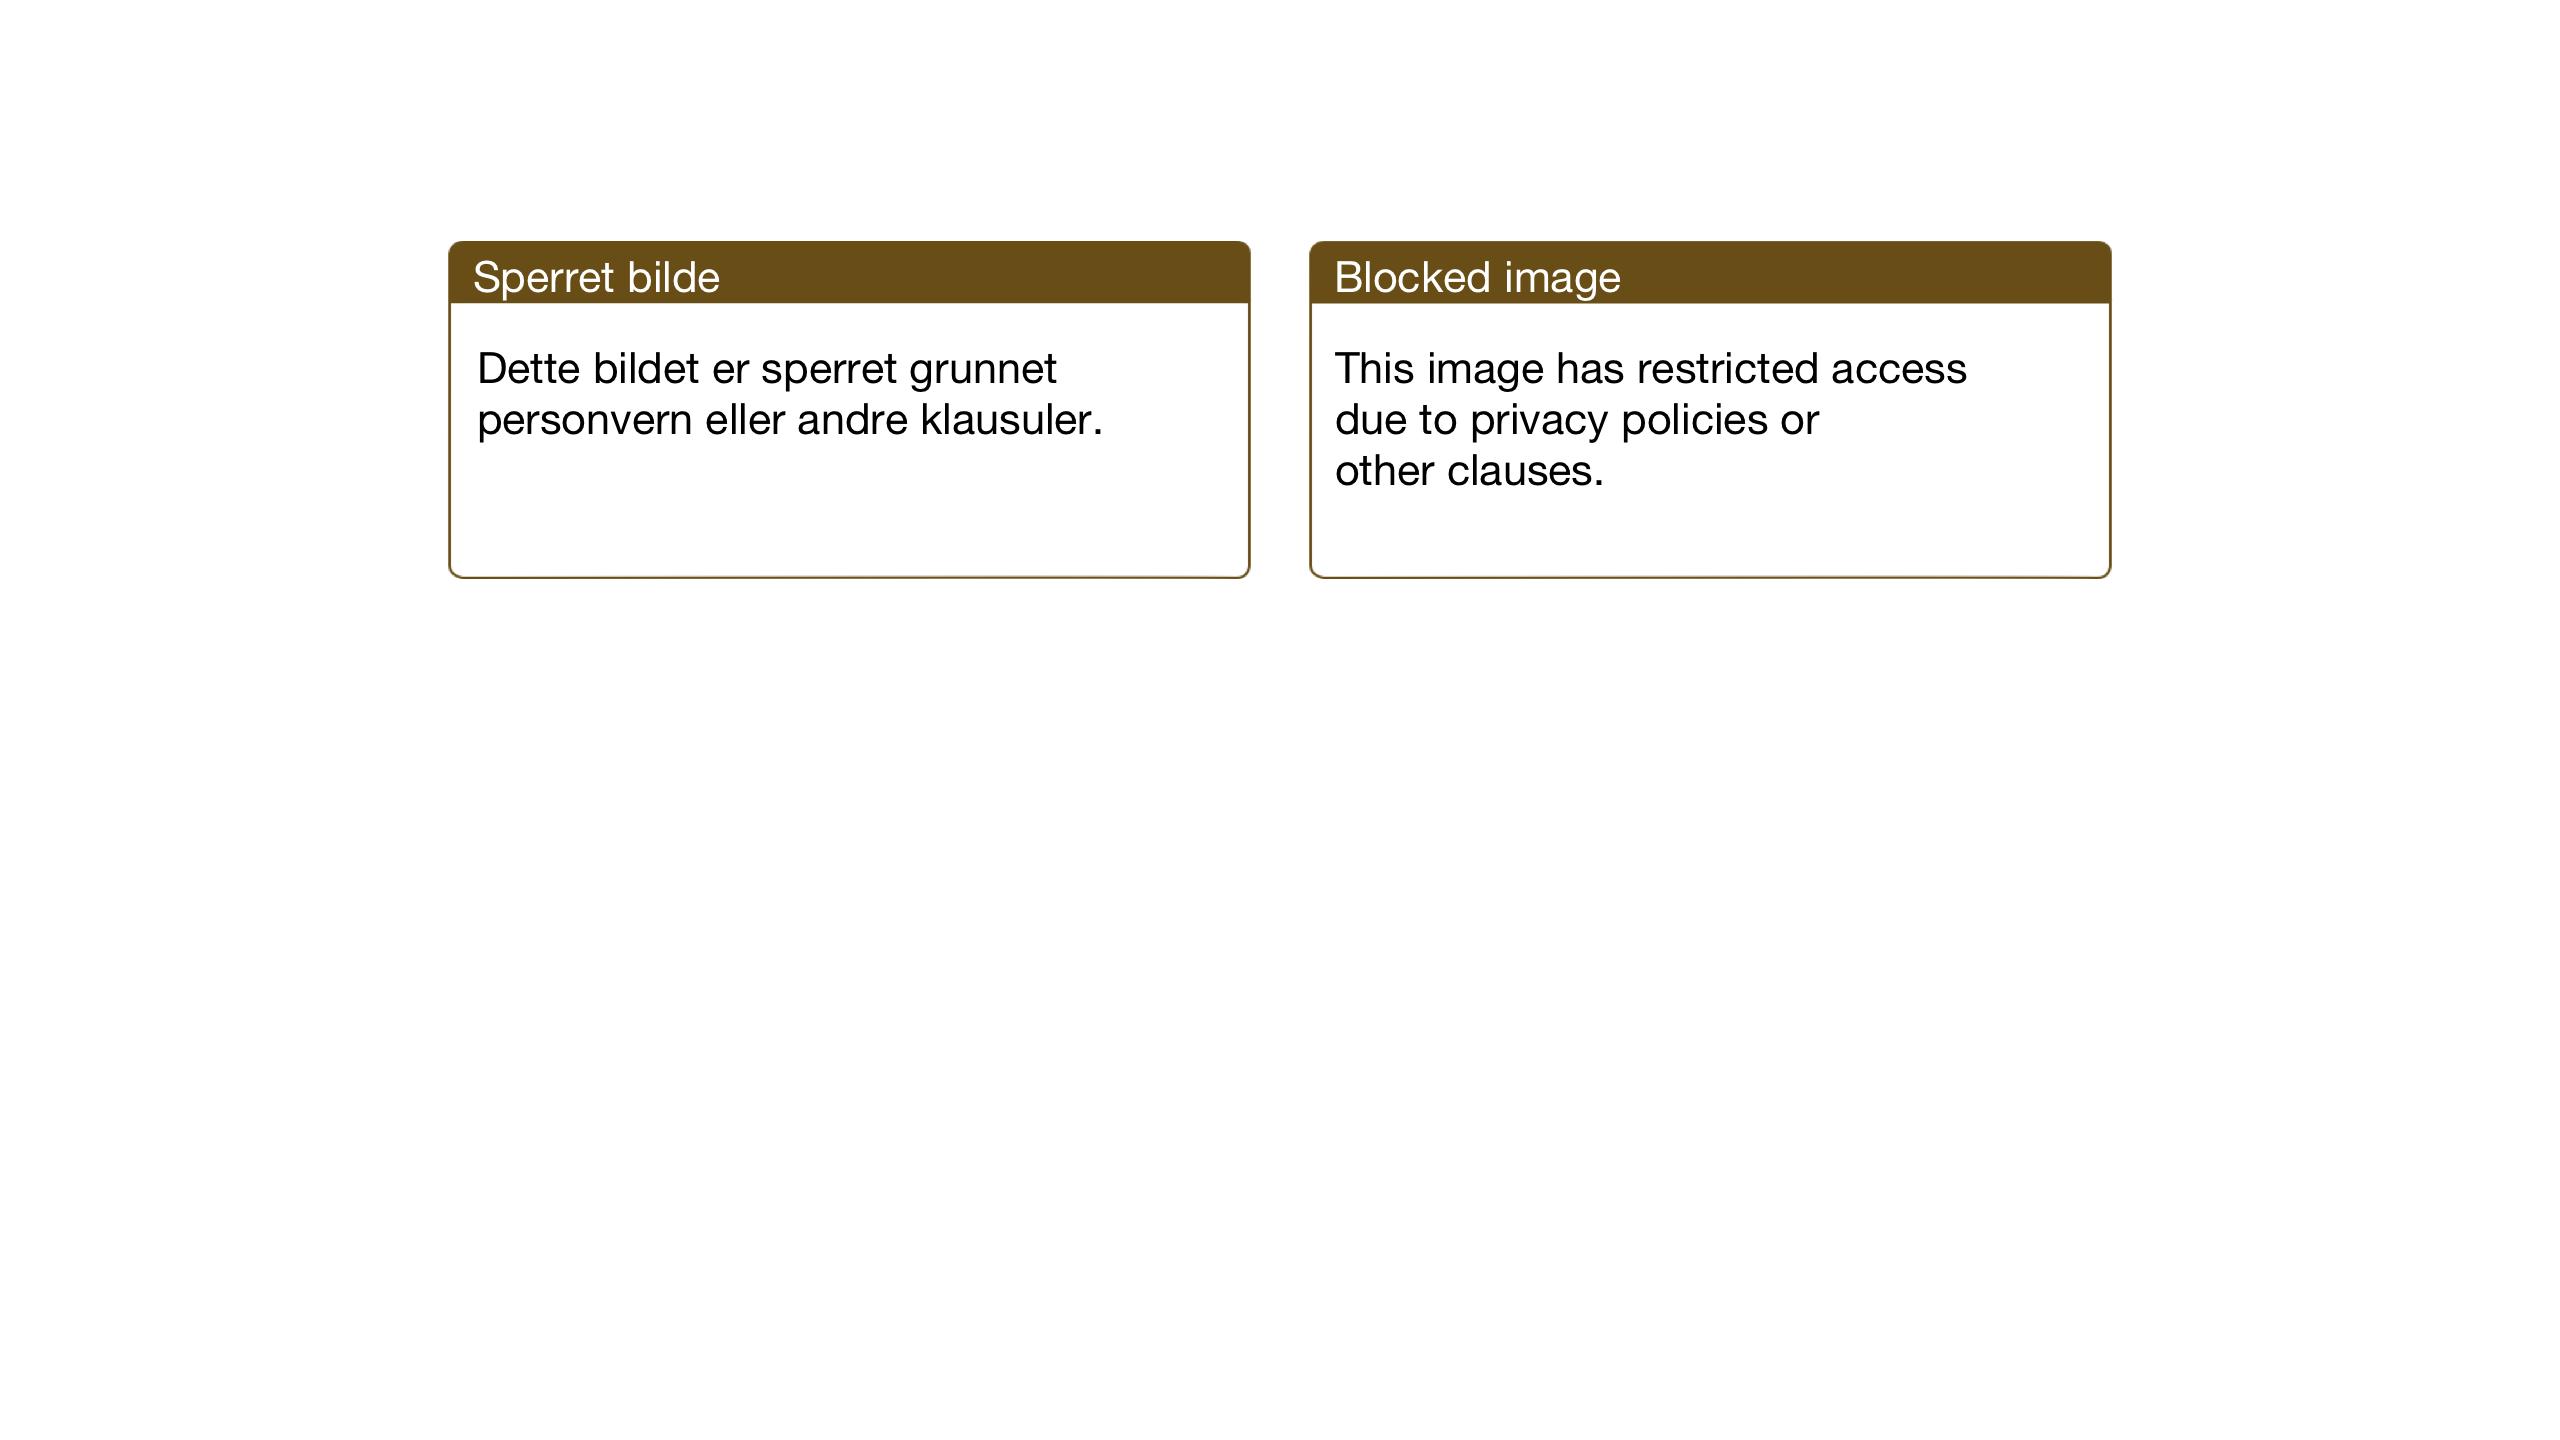 SAT, Ministerialprotokoller, klokkerbøker og fødselsregistre - Nord-Trøndelag, 714/L0136: Klokkerbok nr. 714C05, 1918-1957, s. 242